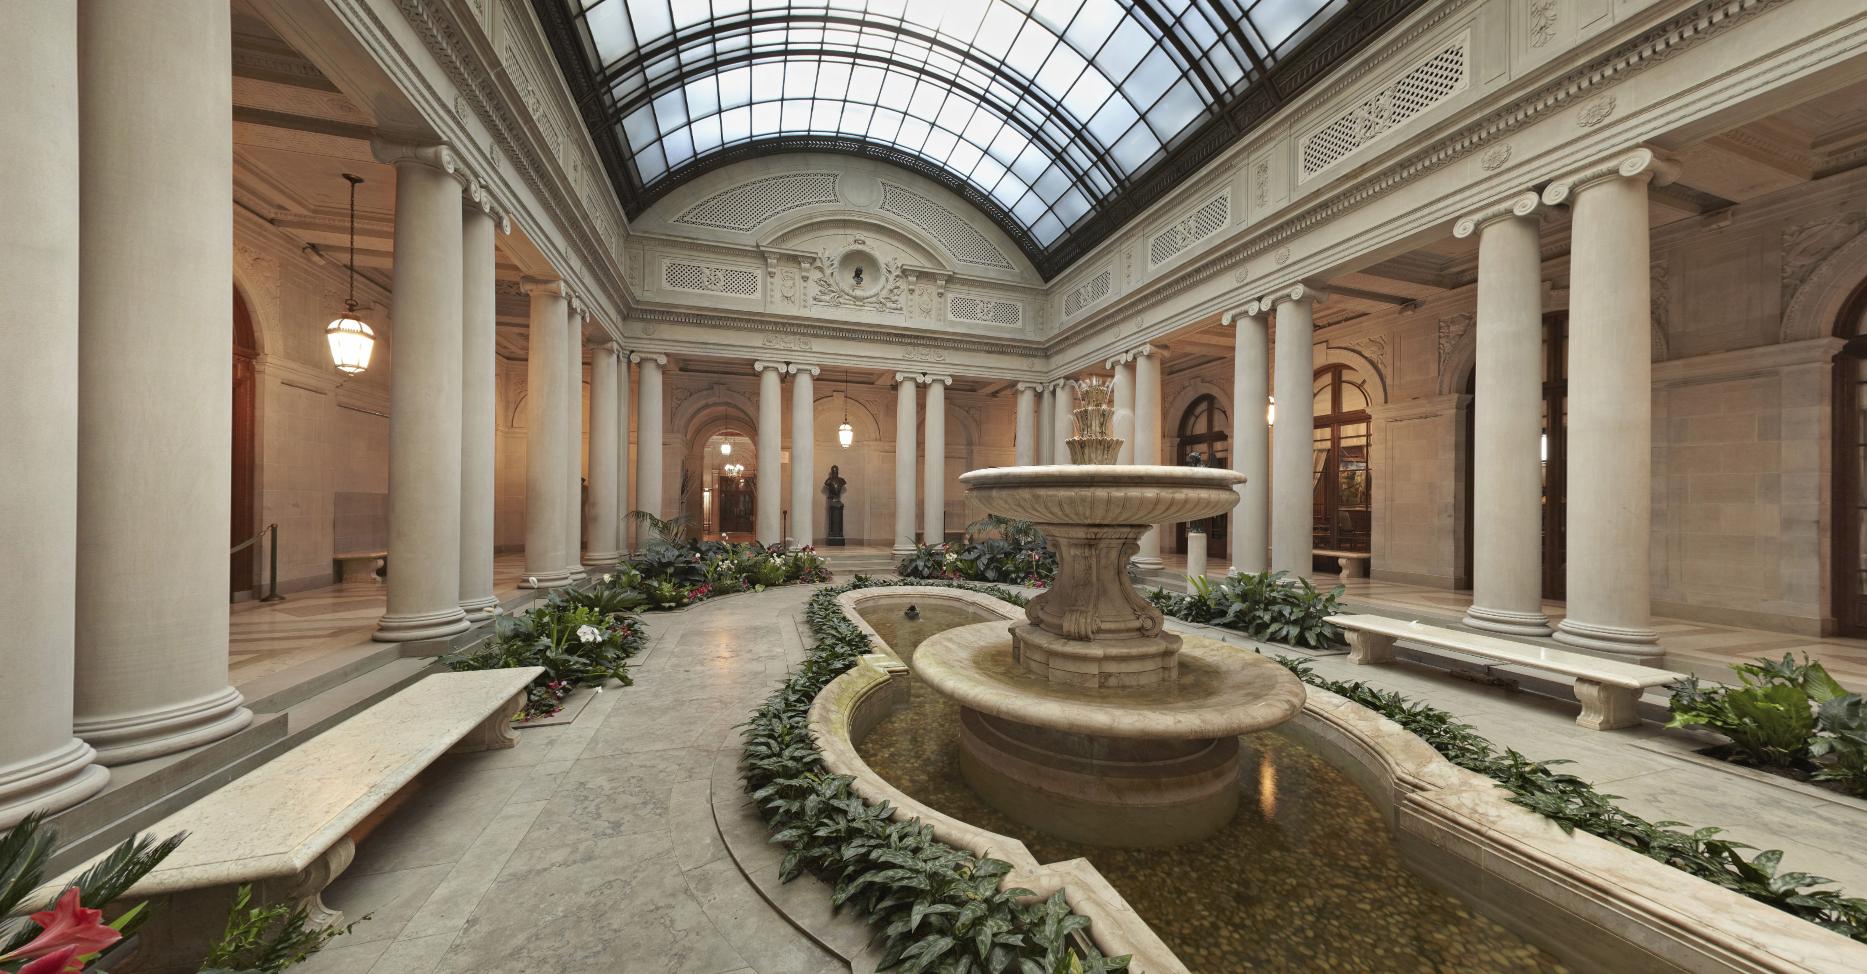 La Frick Collection aprirà negli spazi dell'ex Met Breuer all'inizio del 2021